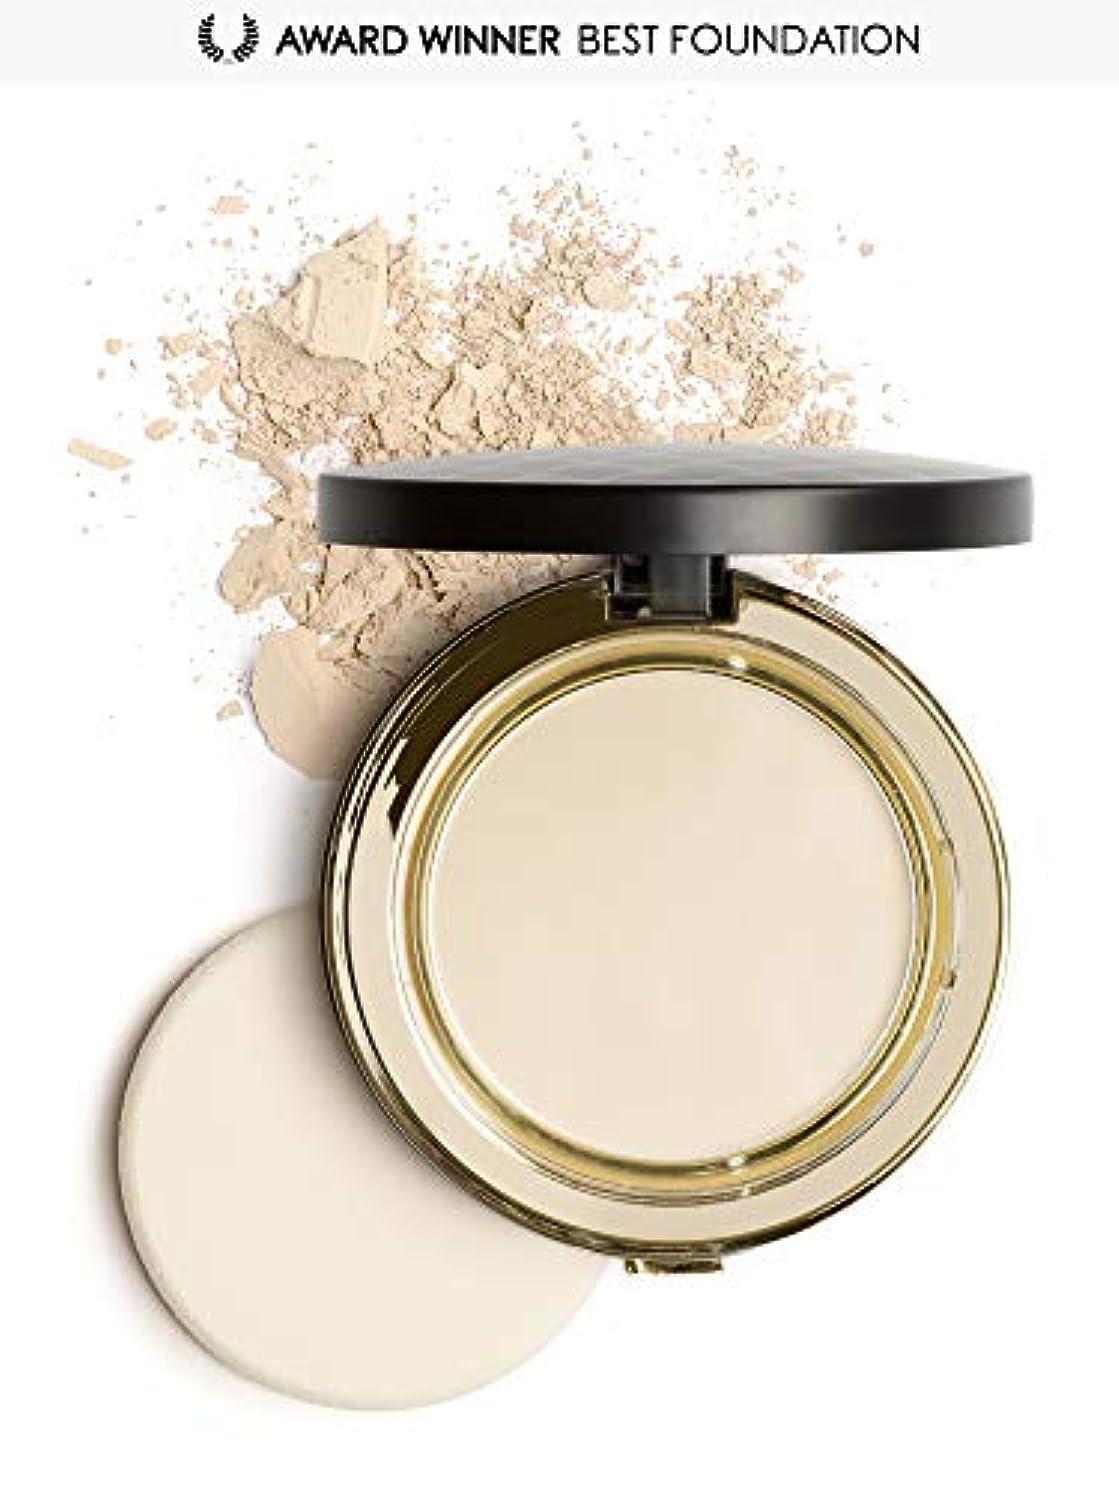 まだらアスペクト自分自身Mirenesse Cosmetics Skin Clone Foundation Mineral Face Powder SPF15 13g/0.46oz (21. Vienna) - AUTHENTIC